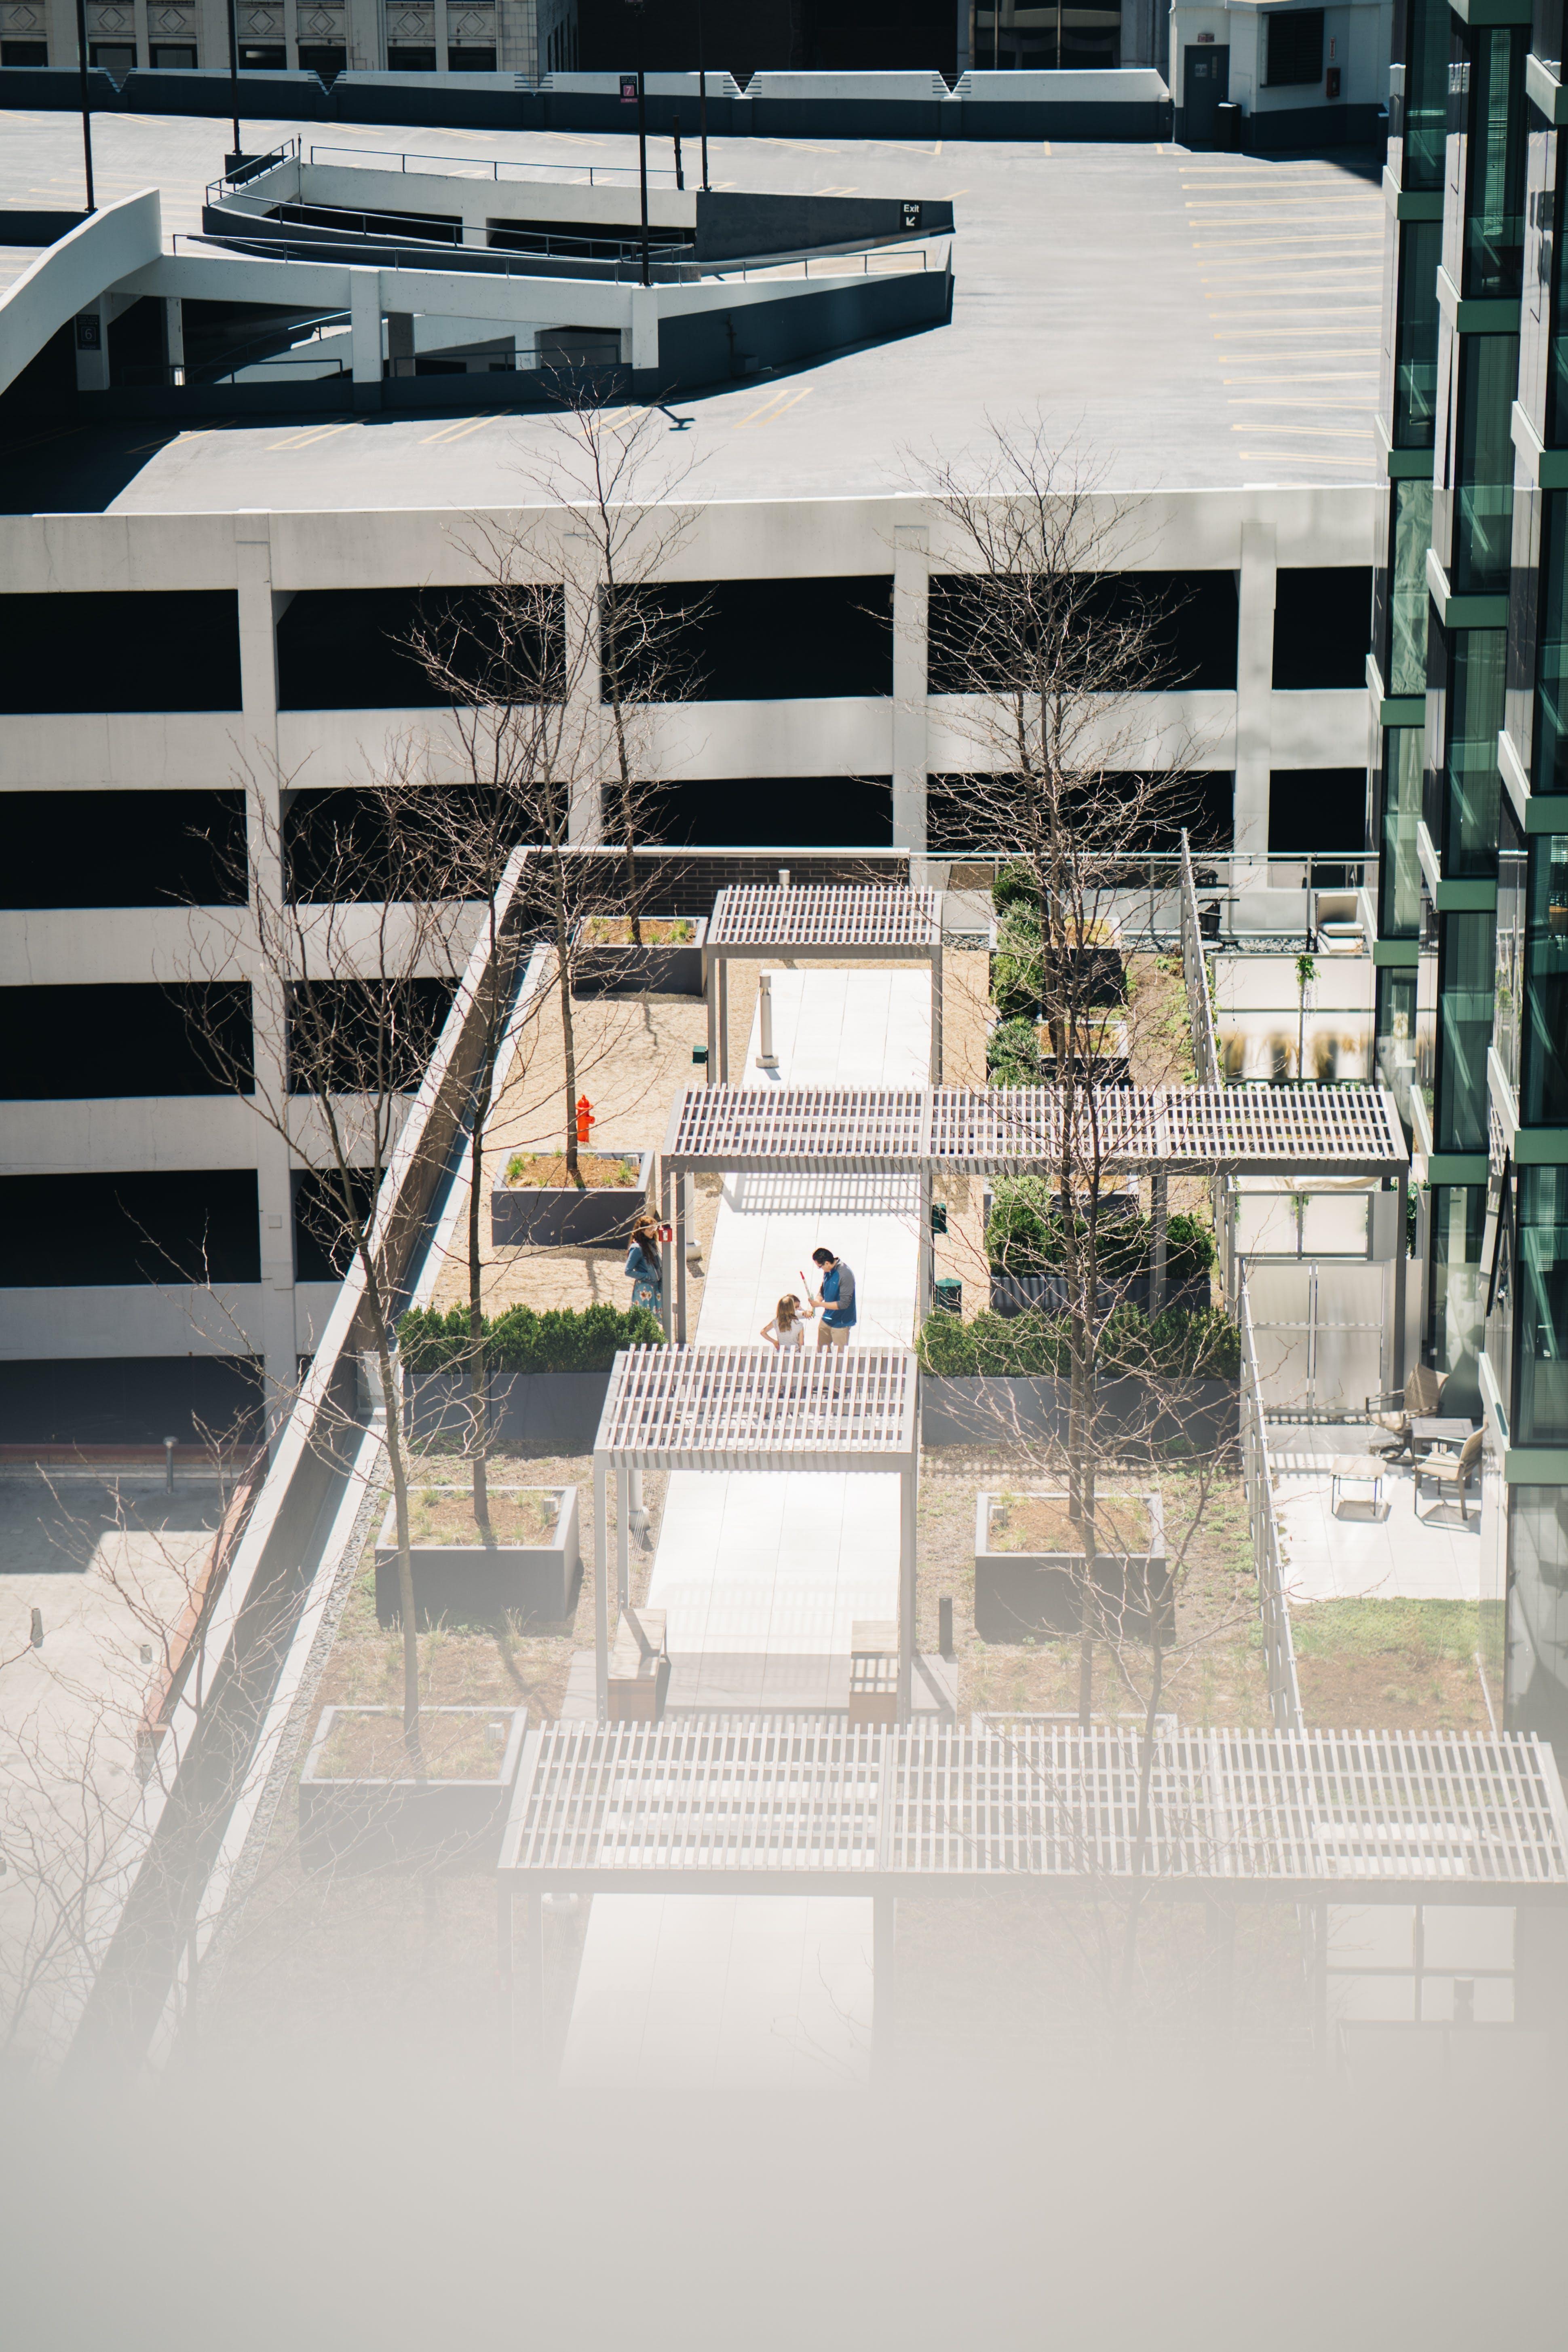 コンテンポラリー, シティ, ハイアングルショット, バルコニーの無料の写真素材